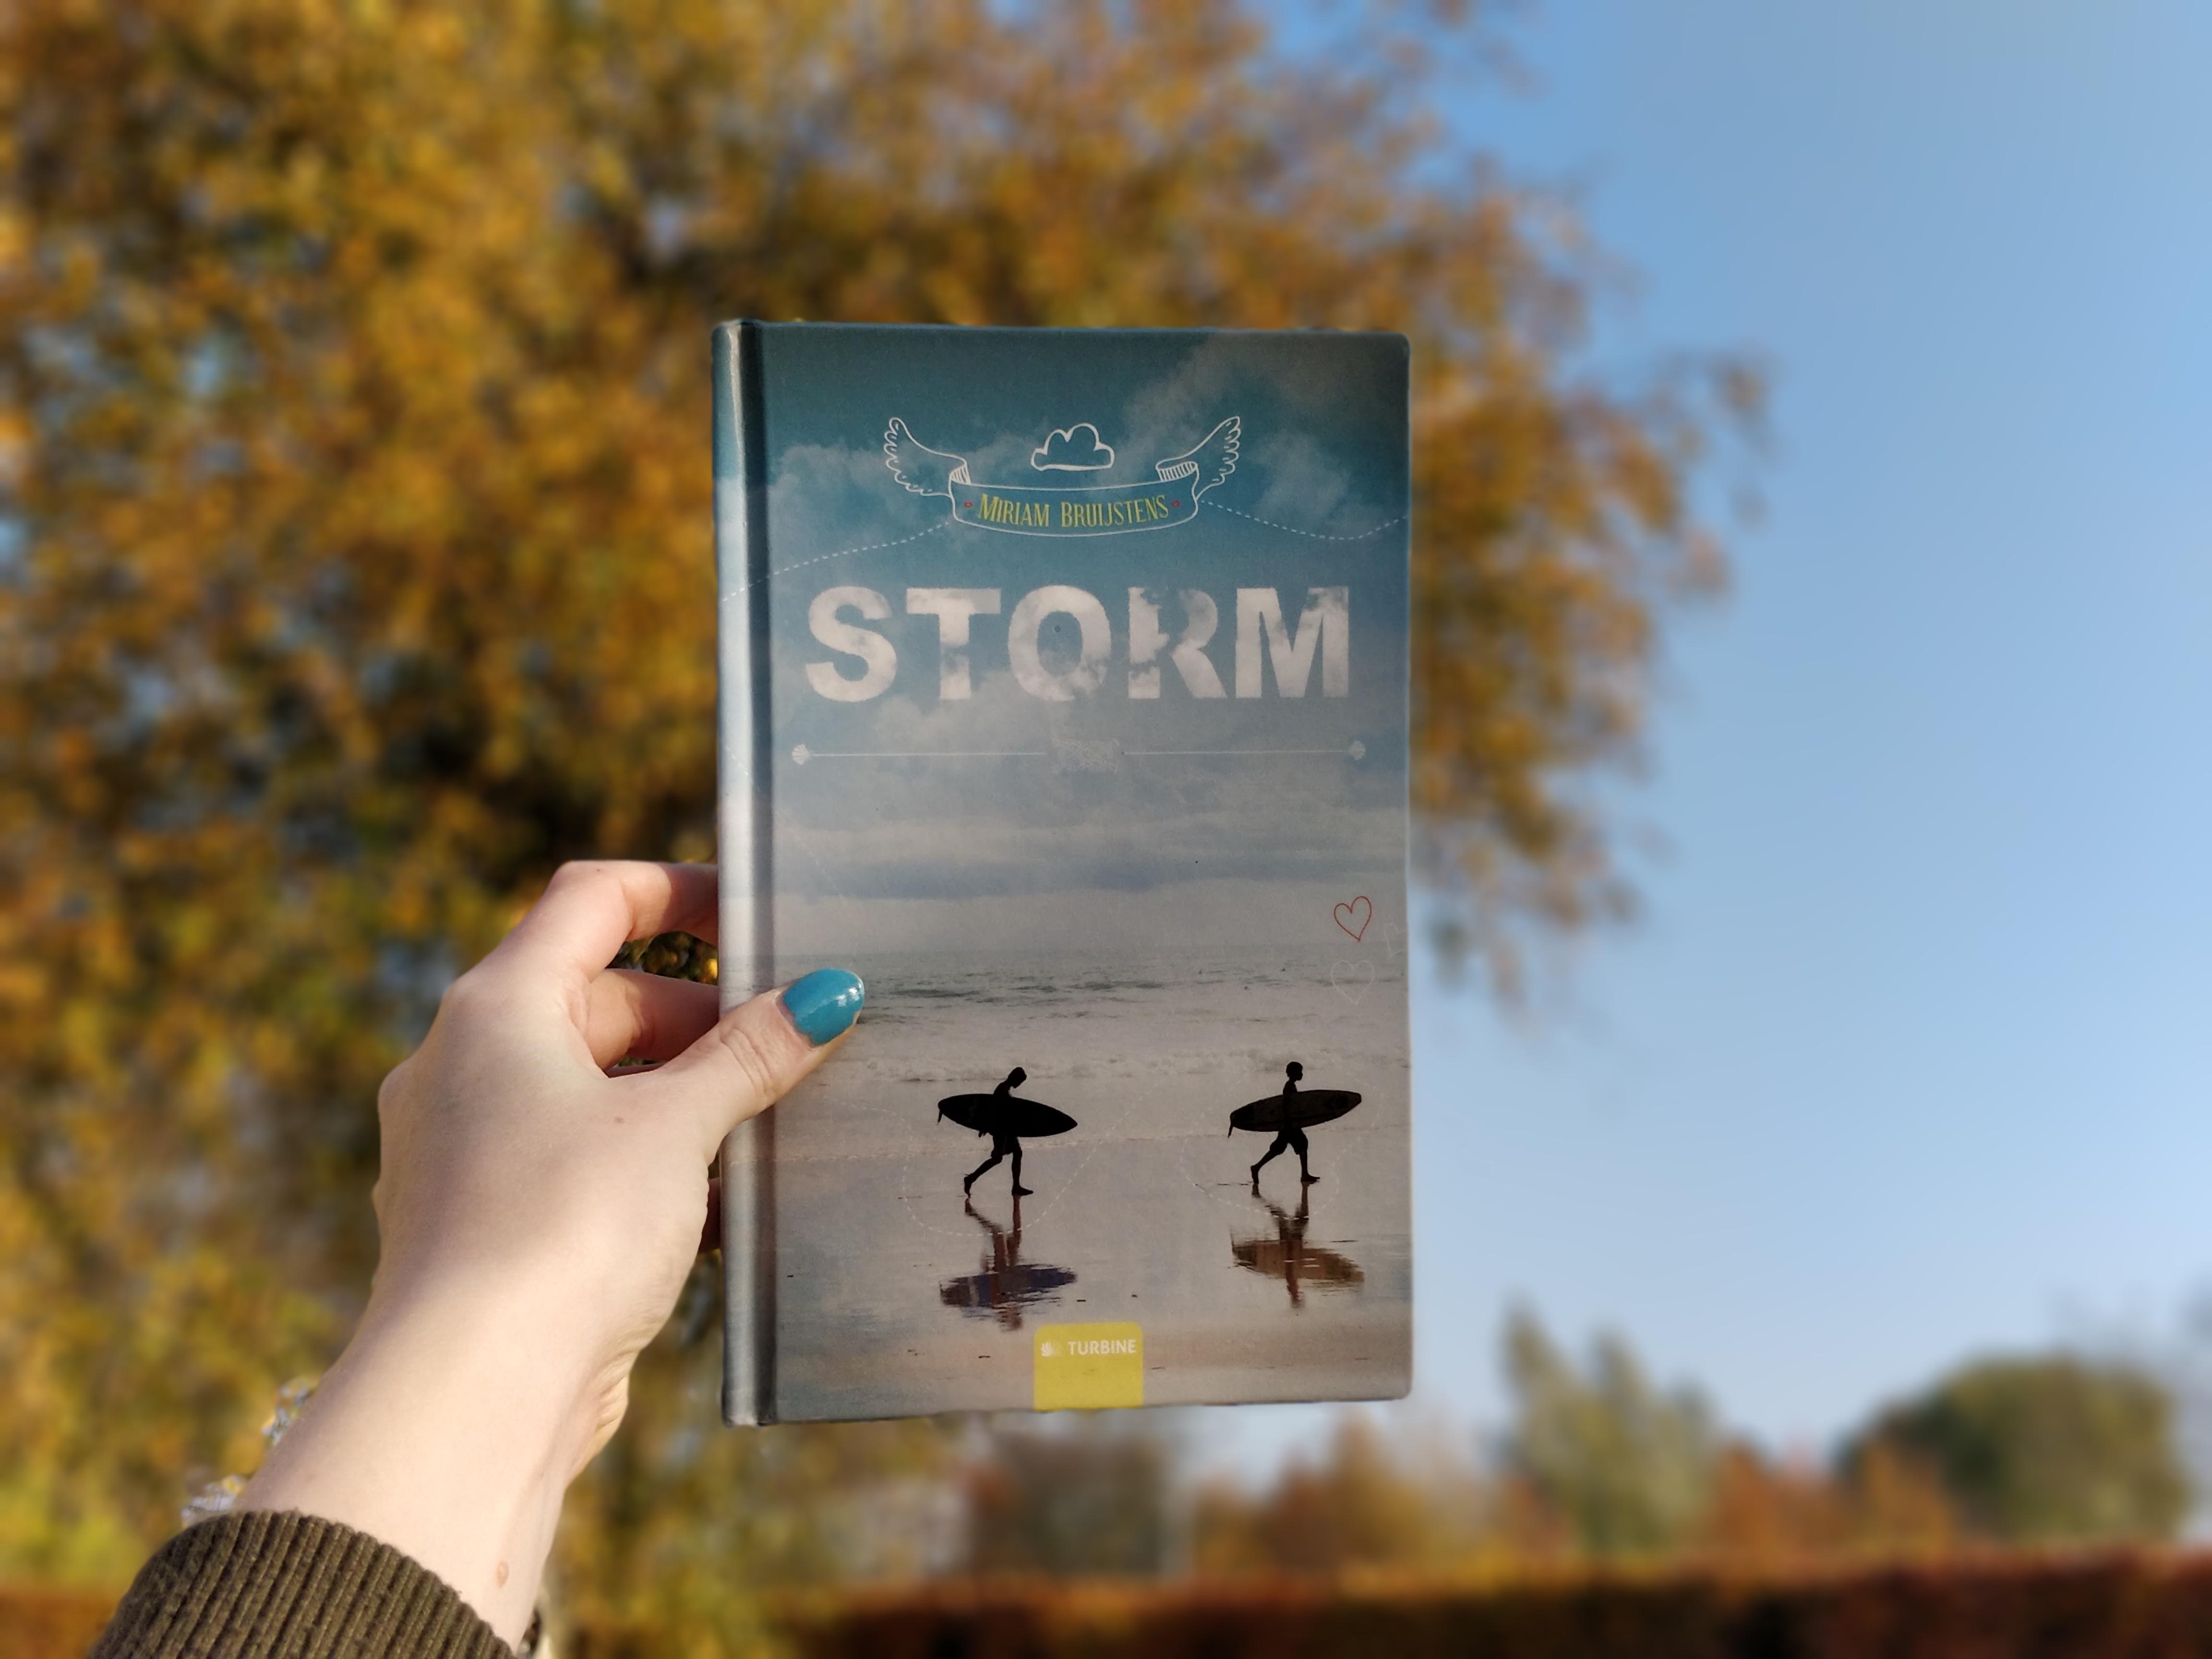 Bogen Storm af Miriam Bruijstens foran et træ, der er sløret.